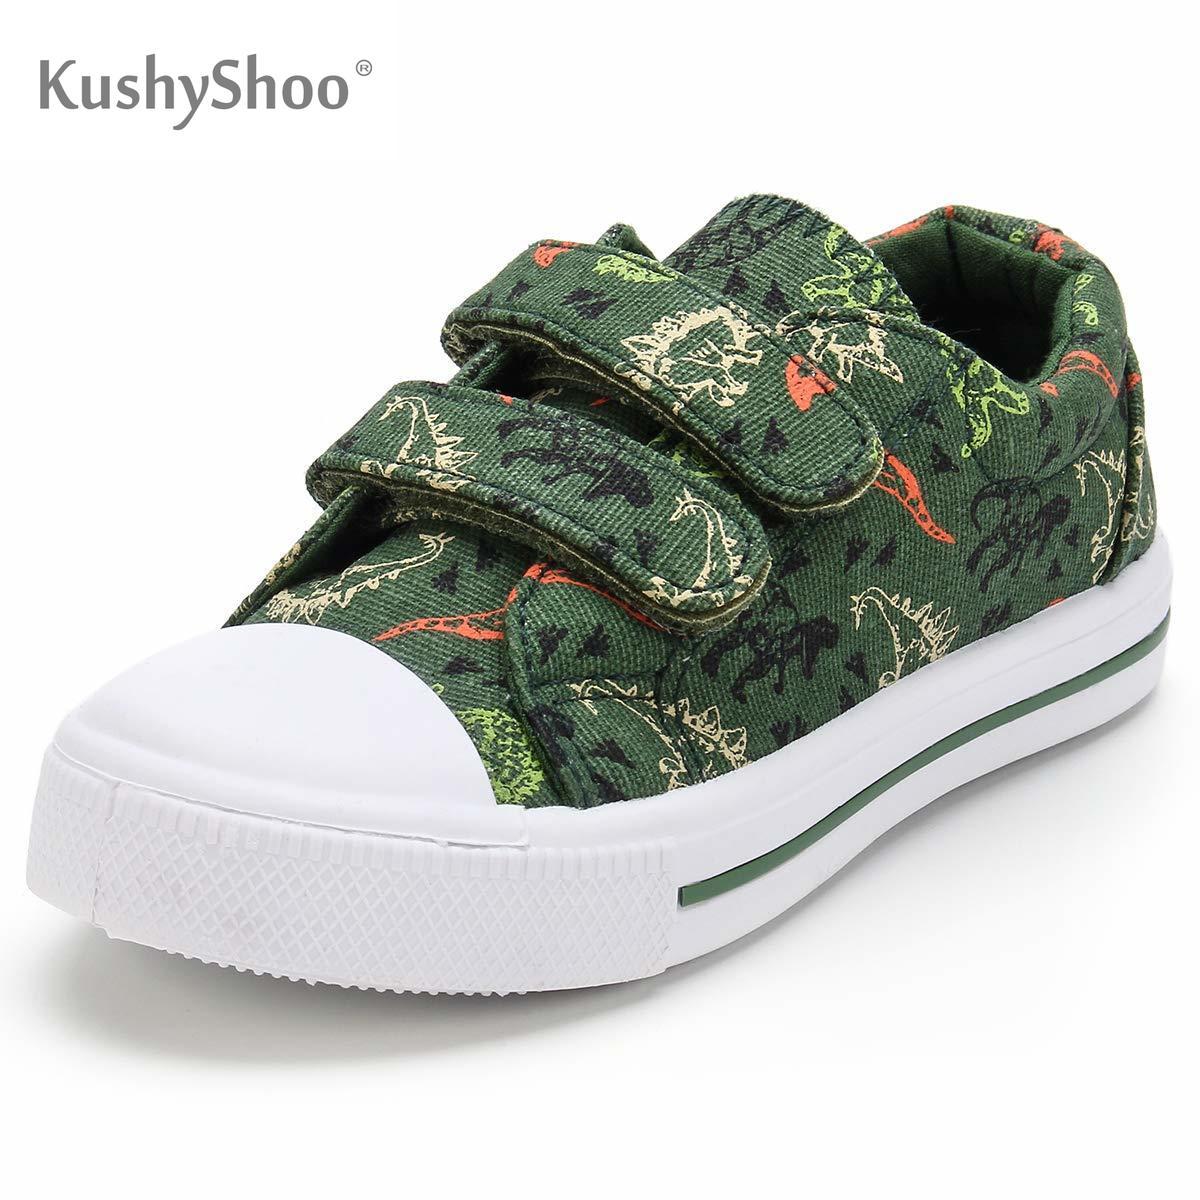 KushyShoo Kids Shoes Cartoon Dinosaur Printed Dual Hook & Loop Children's Sneakers Girl Boy Toddler Sneakers Canvas Shoes